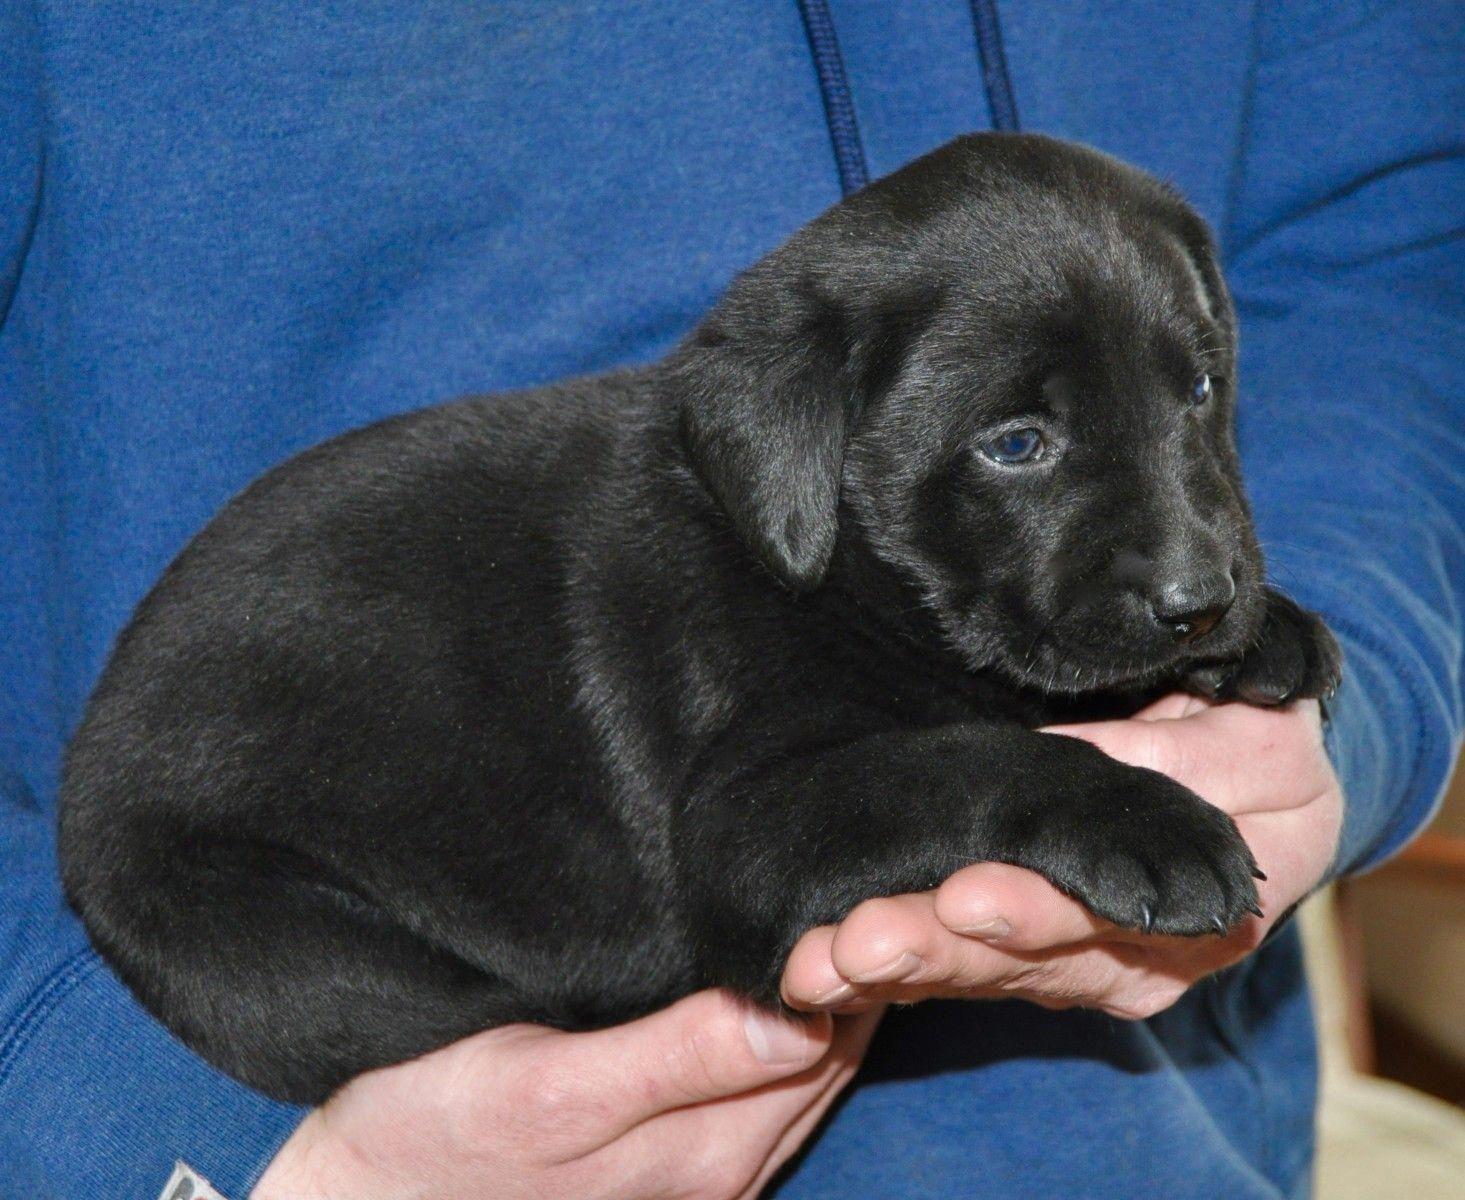 Labrador Retriever Puppies For Sale Ashburnham Ma Labradoryellow Labradorretrieverpuppies Labrador Retriever Puppies Labrador Retriever Dog Breeds